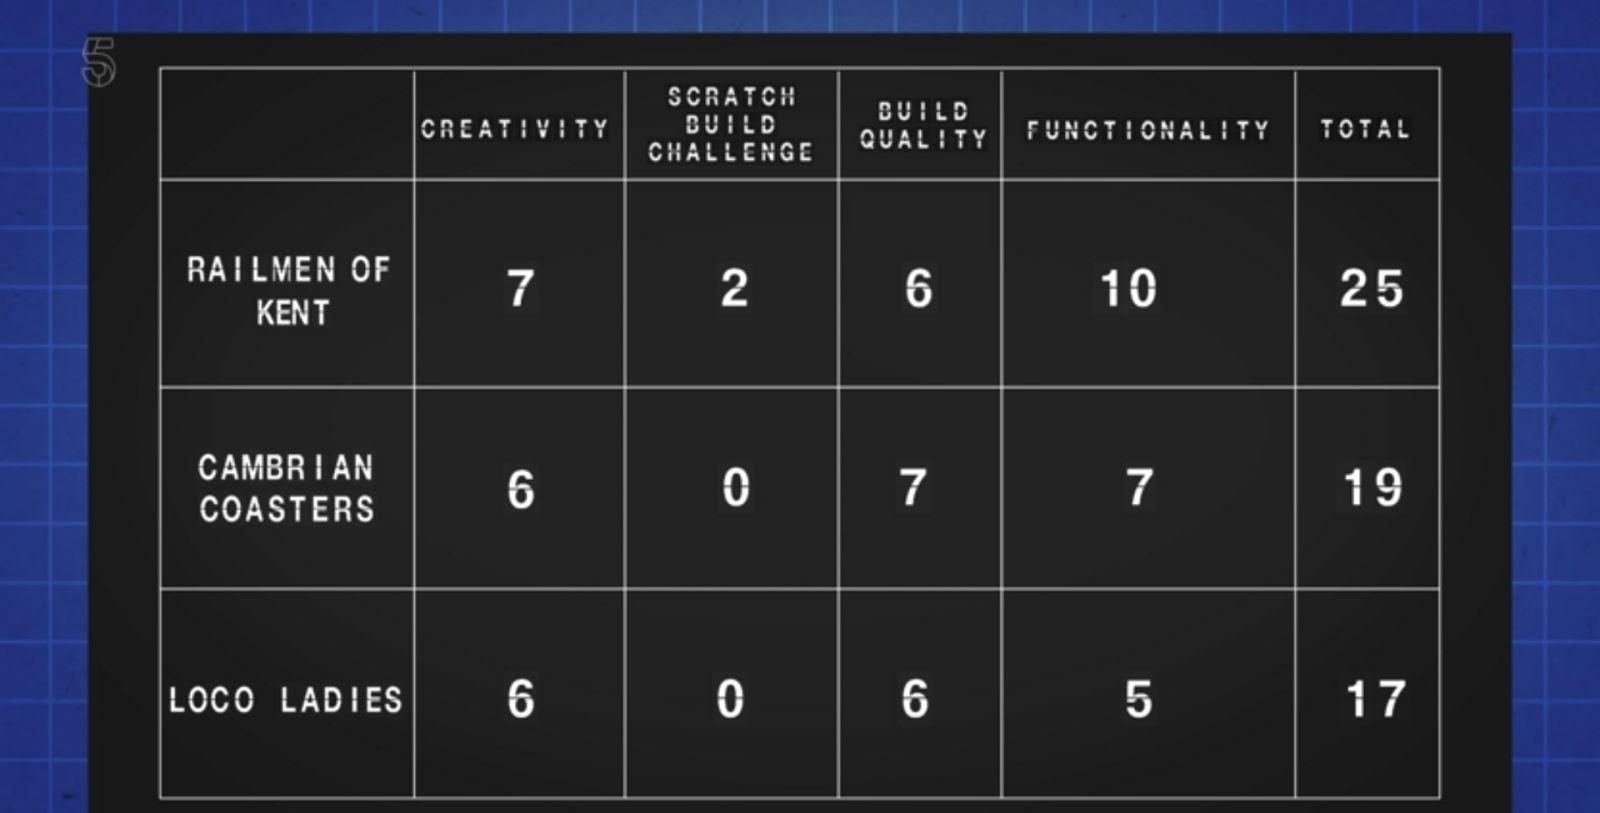 Great Model Railway Challenge scoreboard